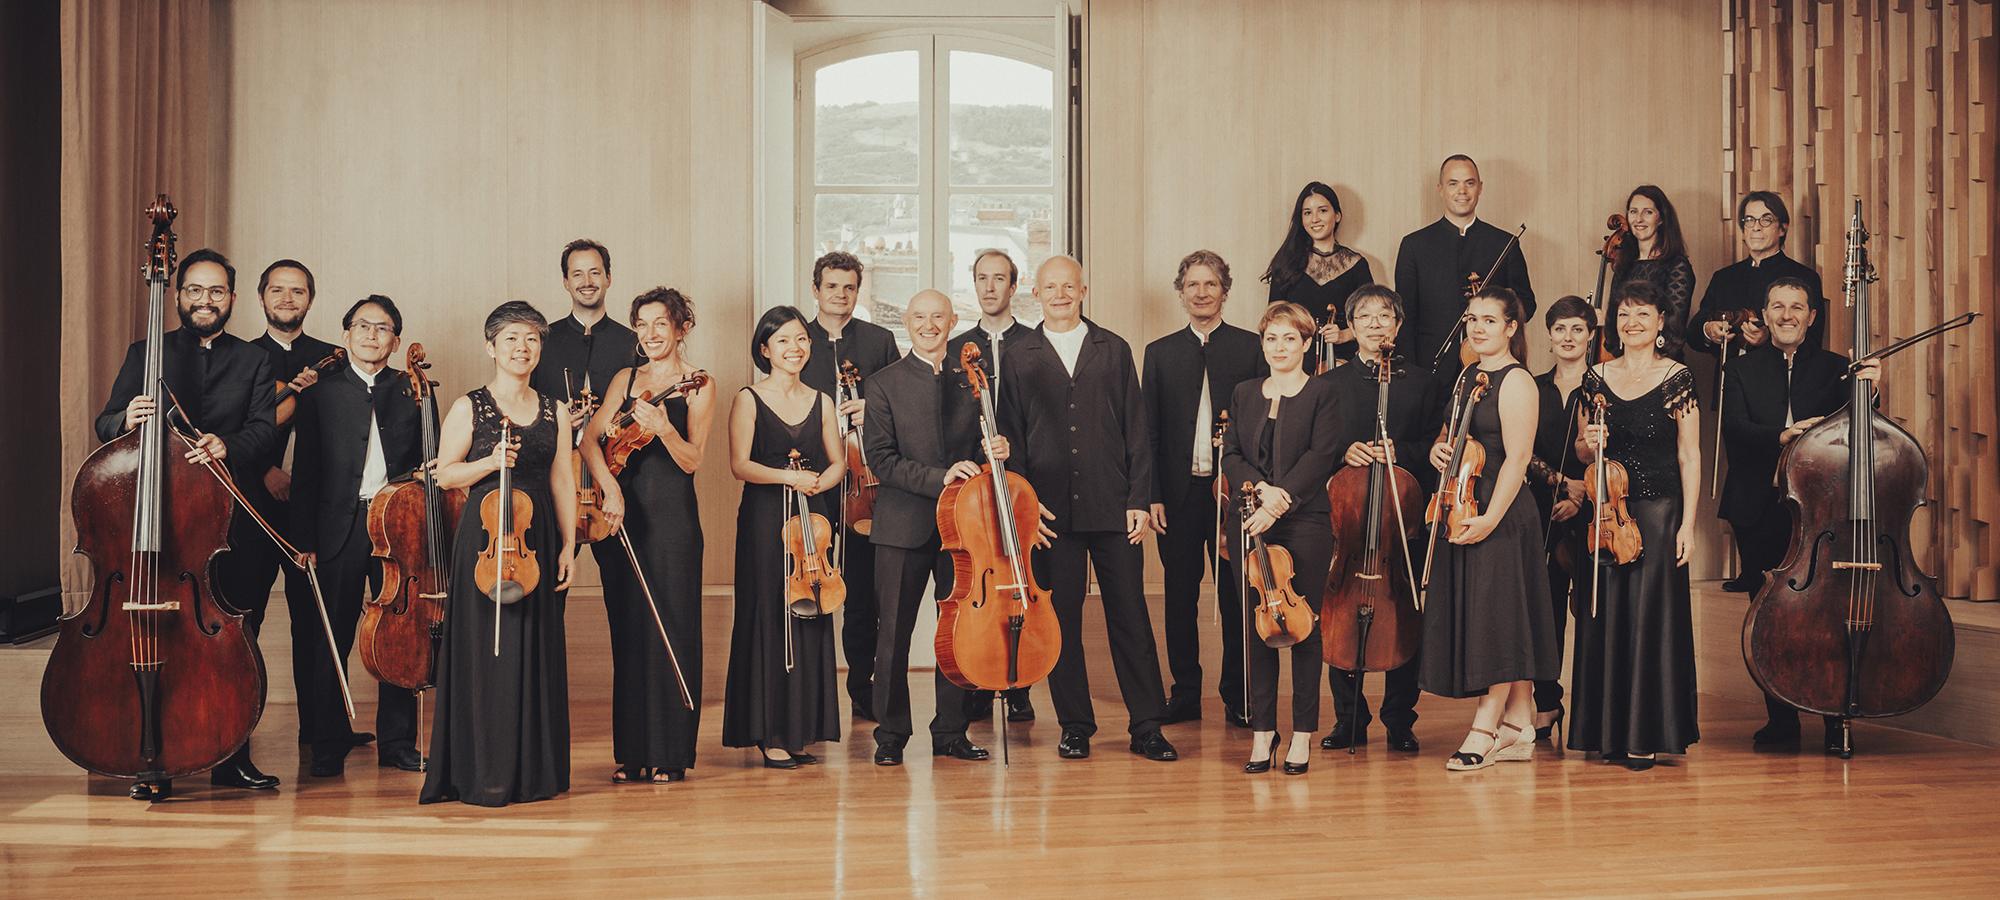 Orchestre national d'Auvergne + Thomas Zehetmair ©Ava du Parc - J'Adore ce que vous faites